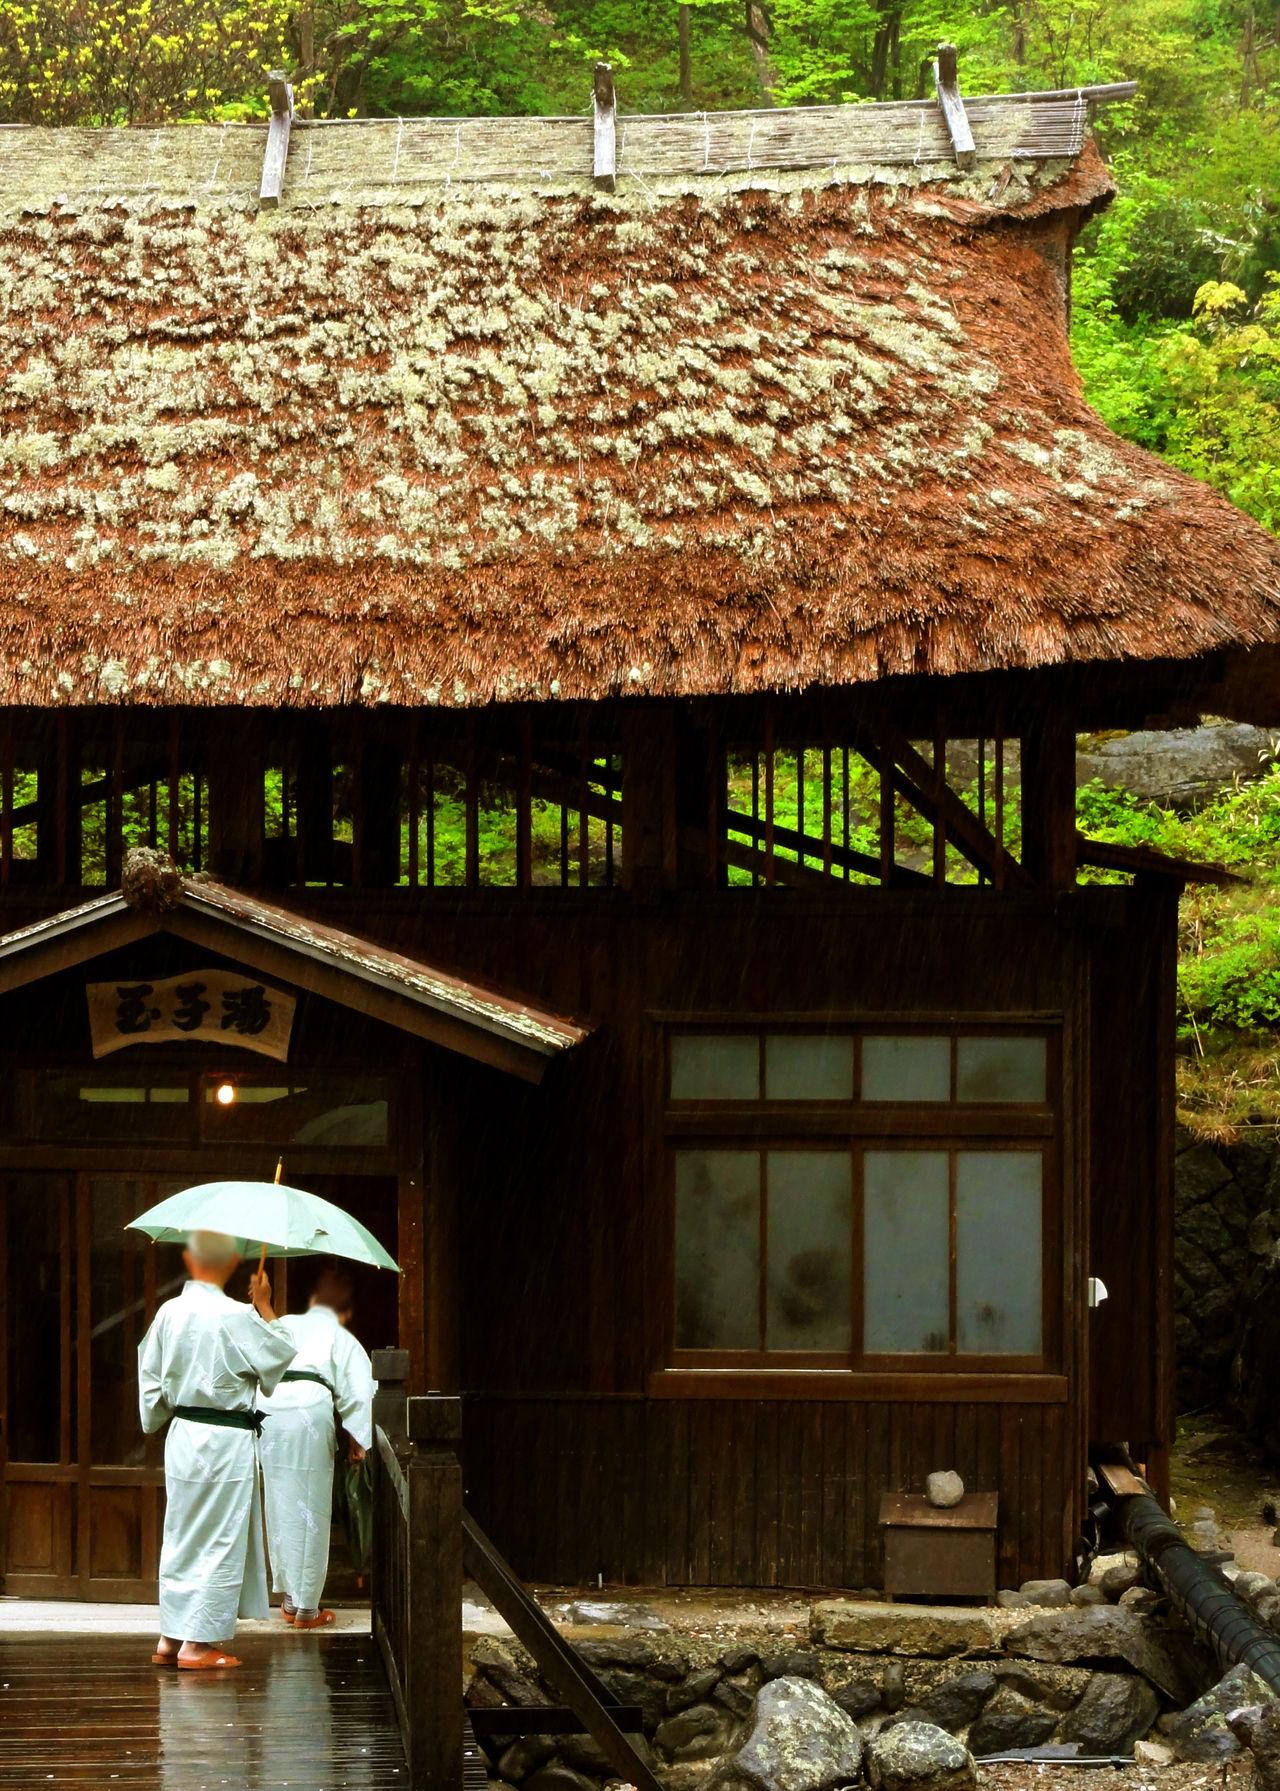 Хижина с соломенной крышей, в которой находится ванна Тамагою